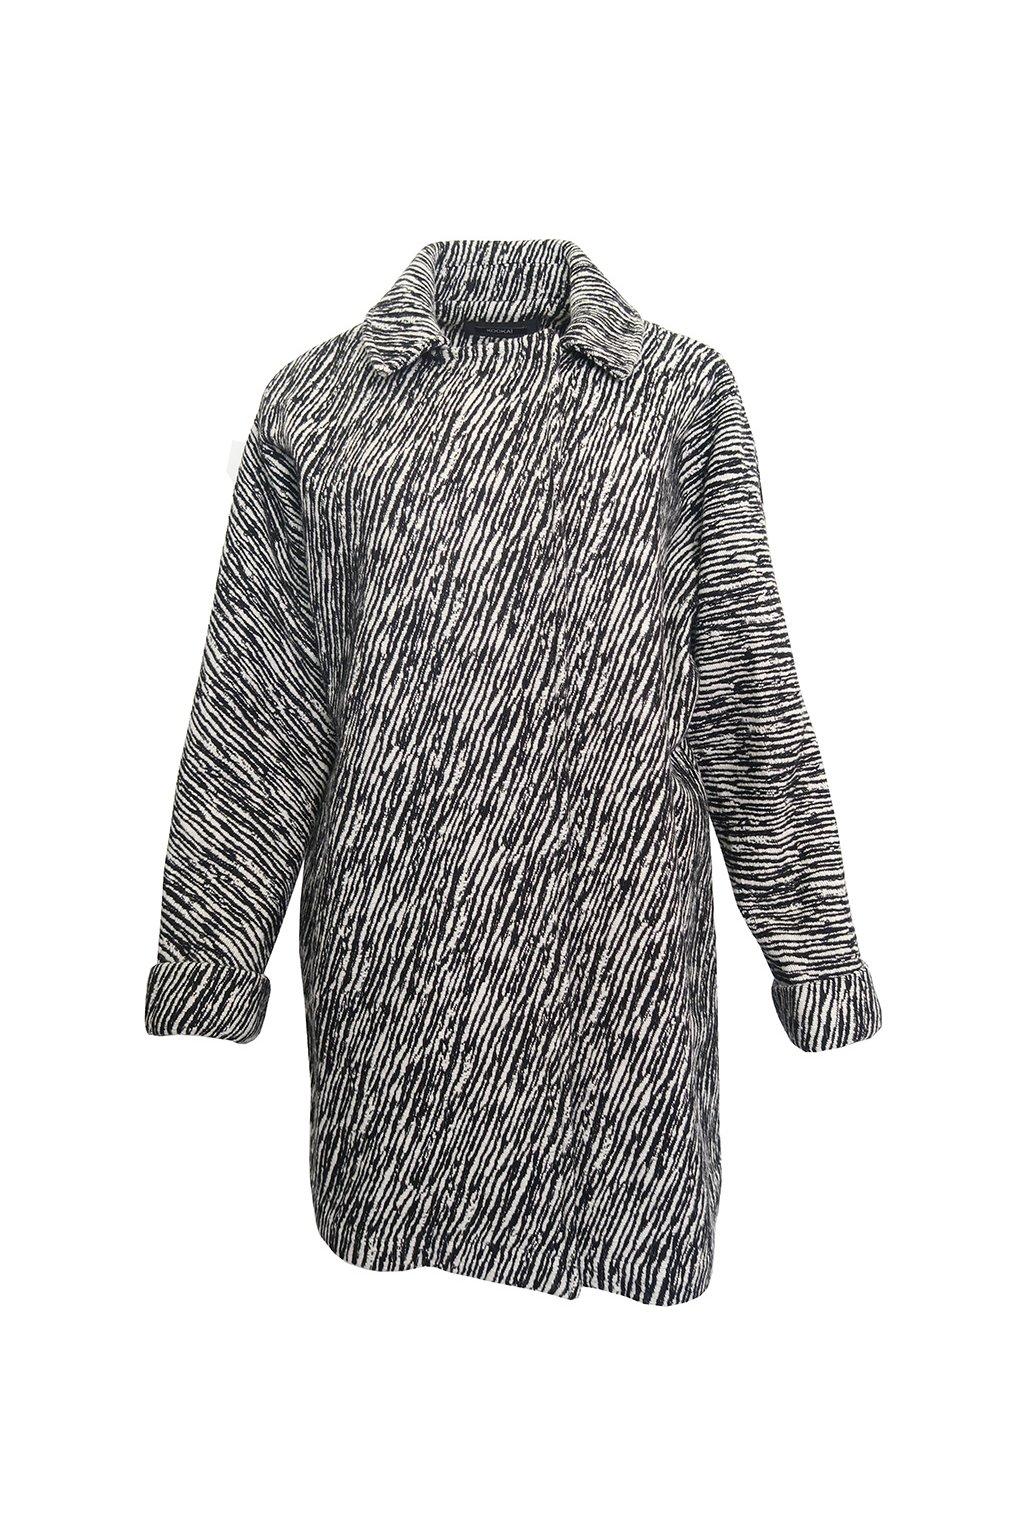 Vzorovaný bíločerný kabát Kookaï